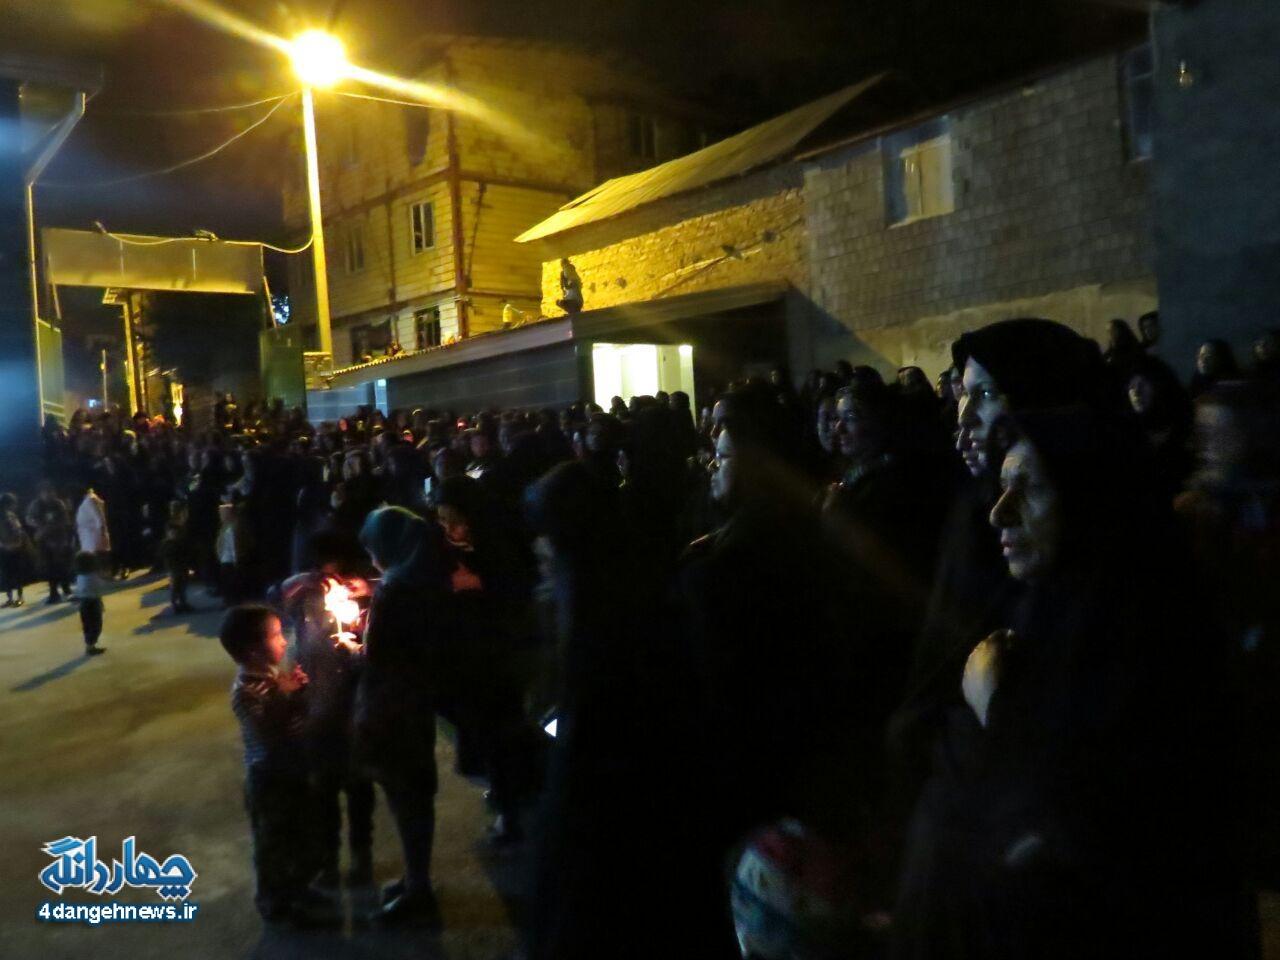 آئین شام غریبان شهدای کربلا در شهر کیاسر برگزار شد + تصاویر